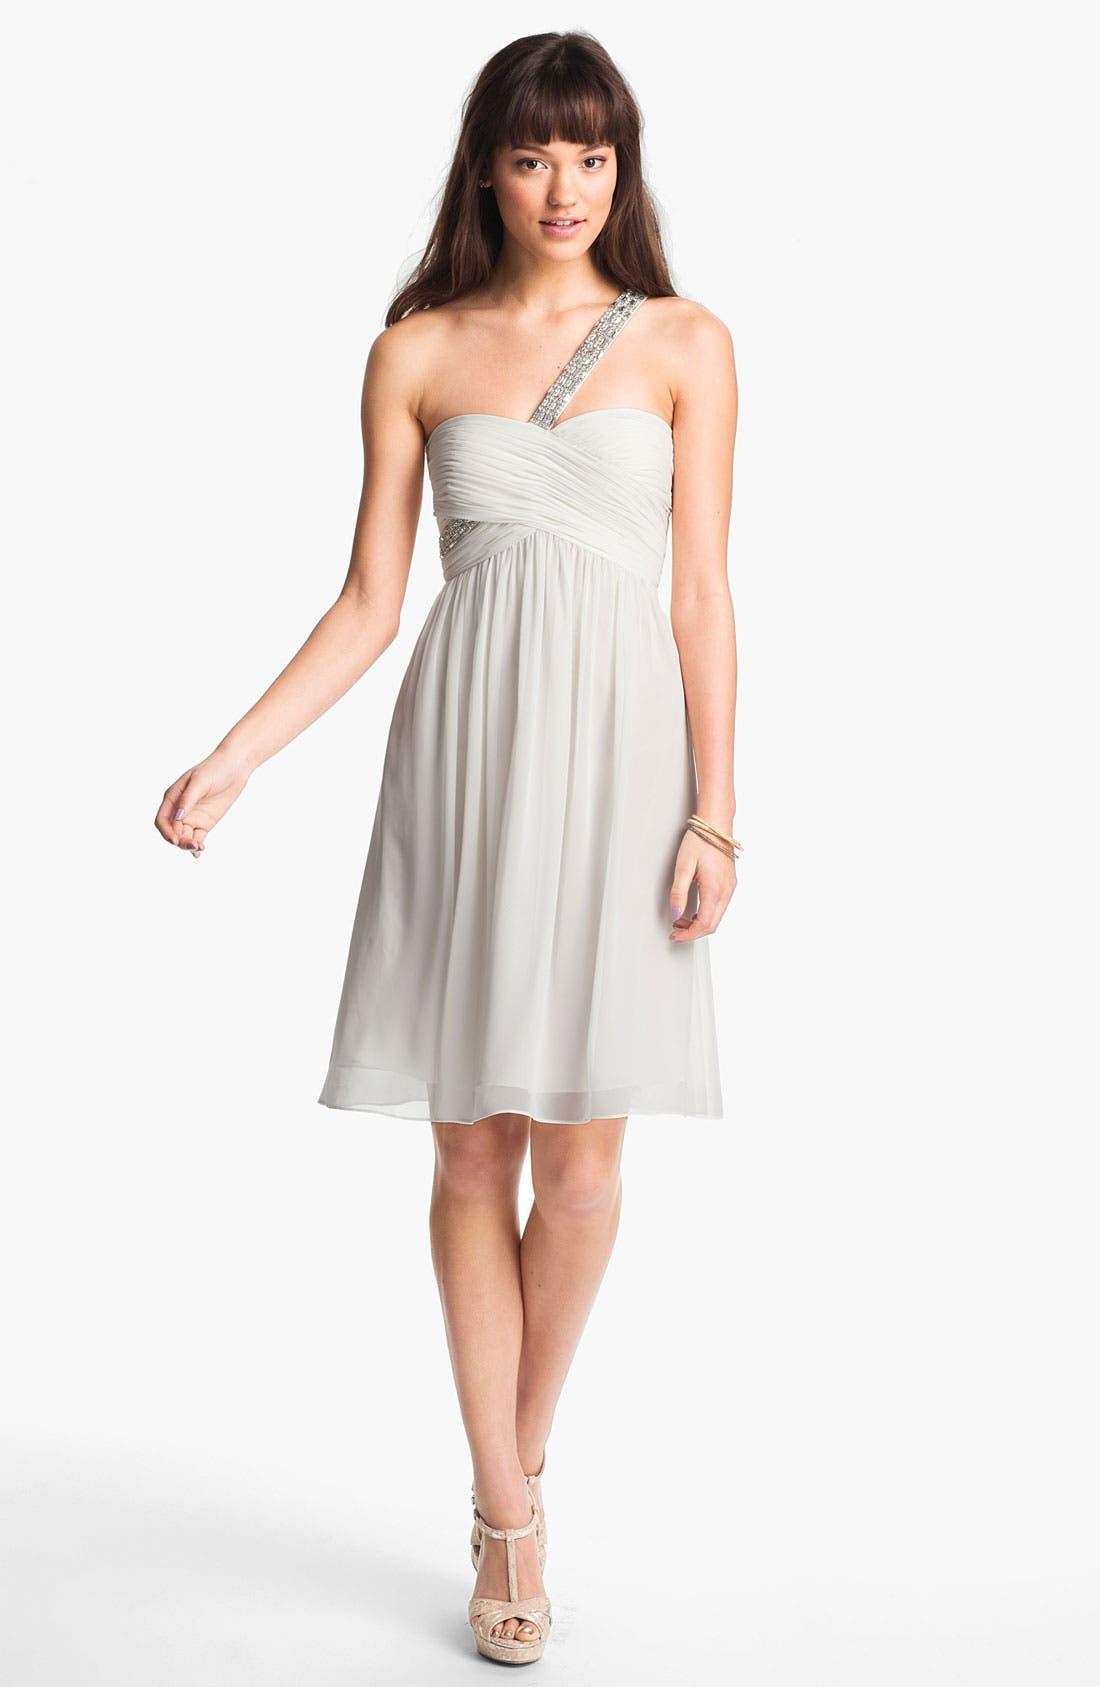 Alternate Image 1 Selected - Calvin Klein Embellished One Shoulder Chiffon Dress